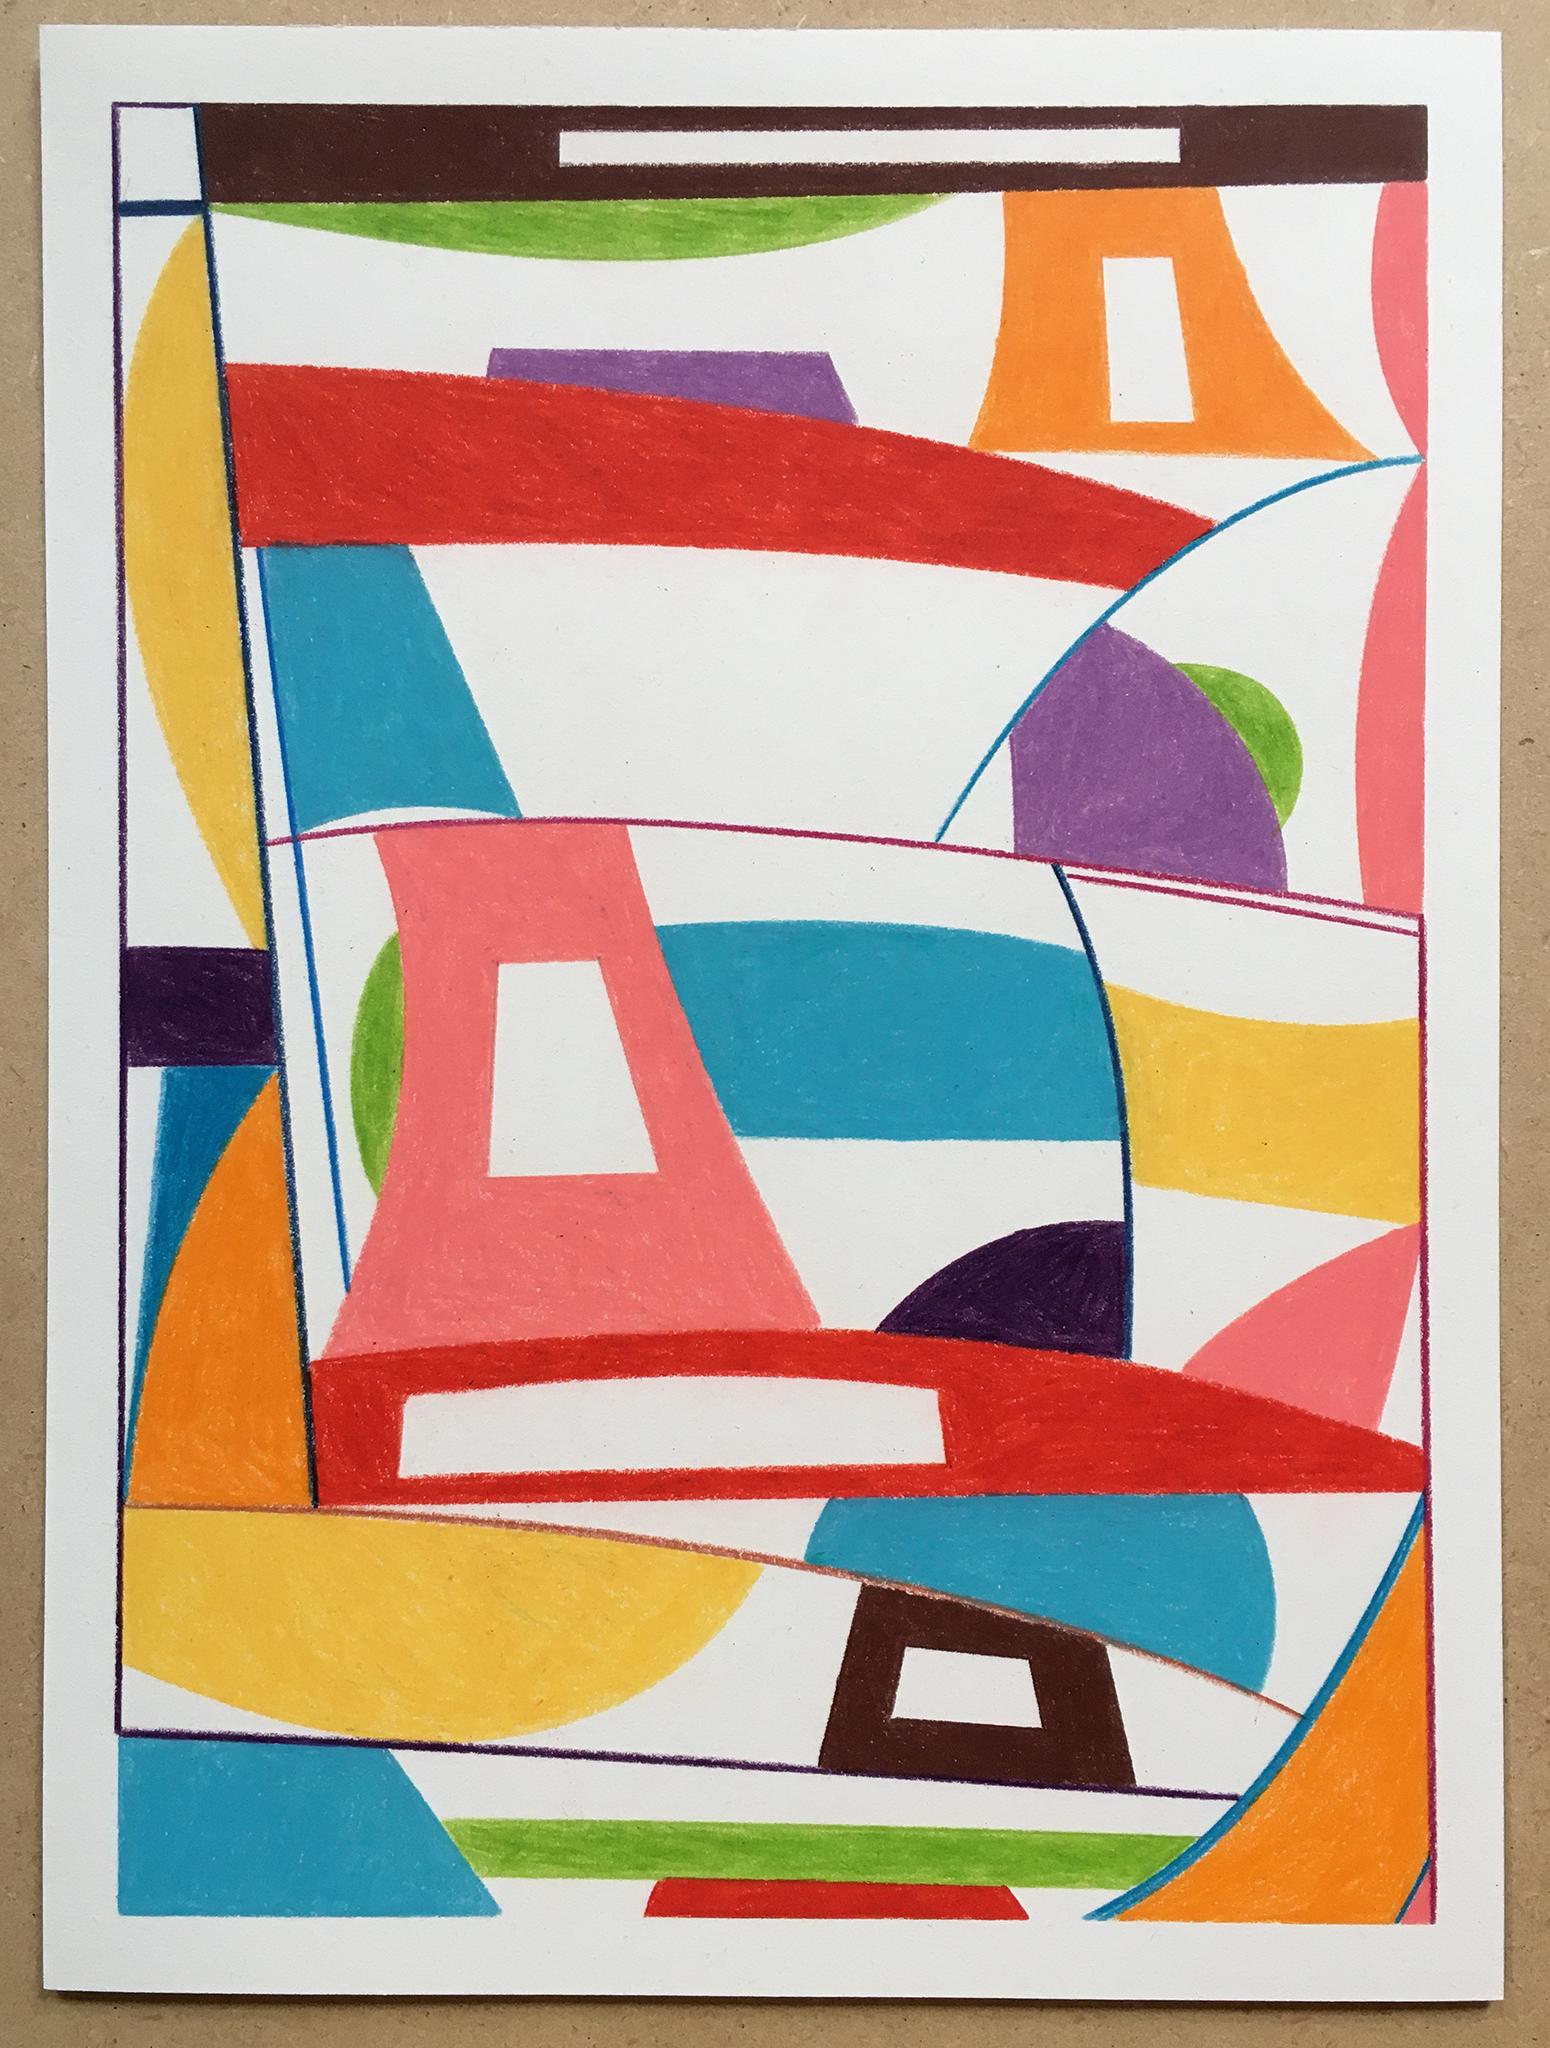 image of Gary Petersen's work